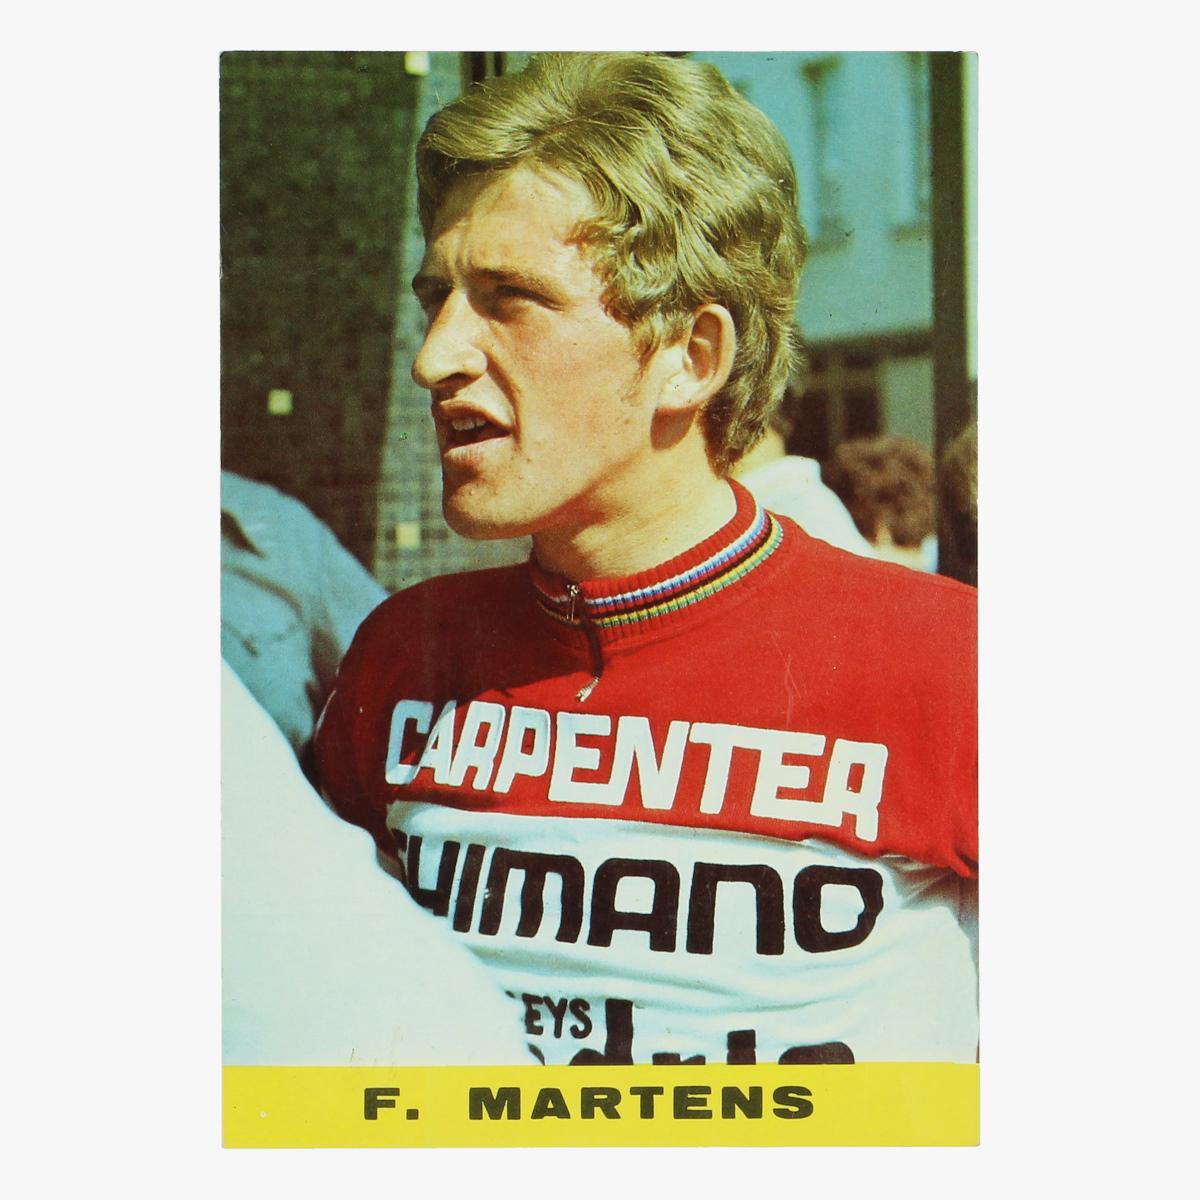 Afbeeldingen van oude postkaart wielrennen f. martens